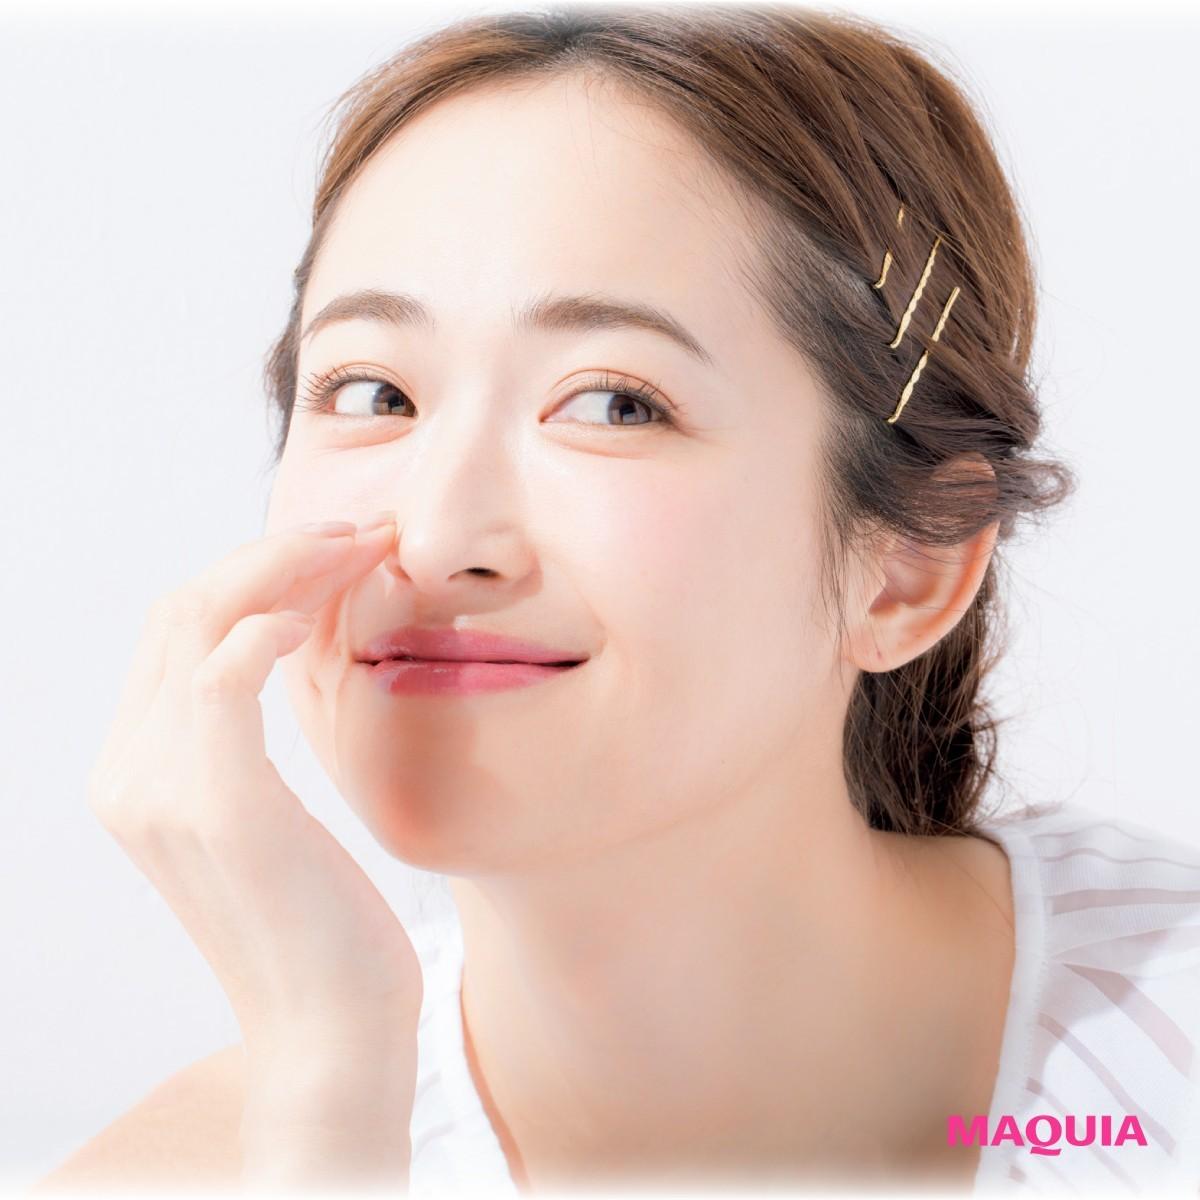 夏老け肌の予防に効くワザをまとめ読み